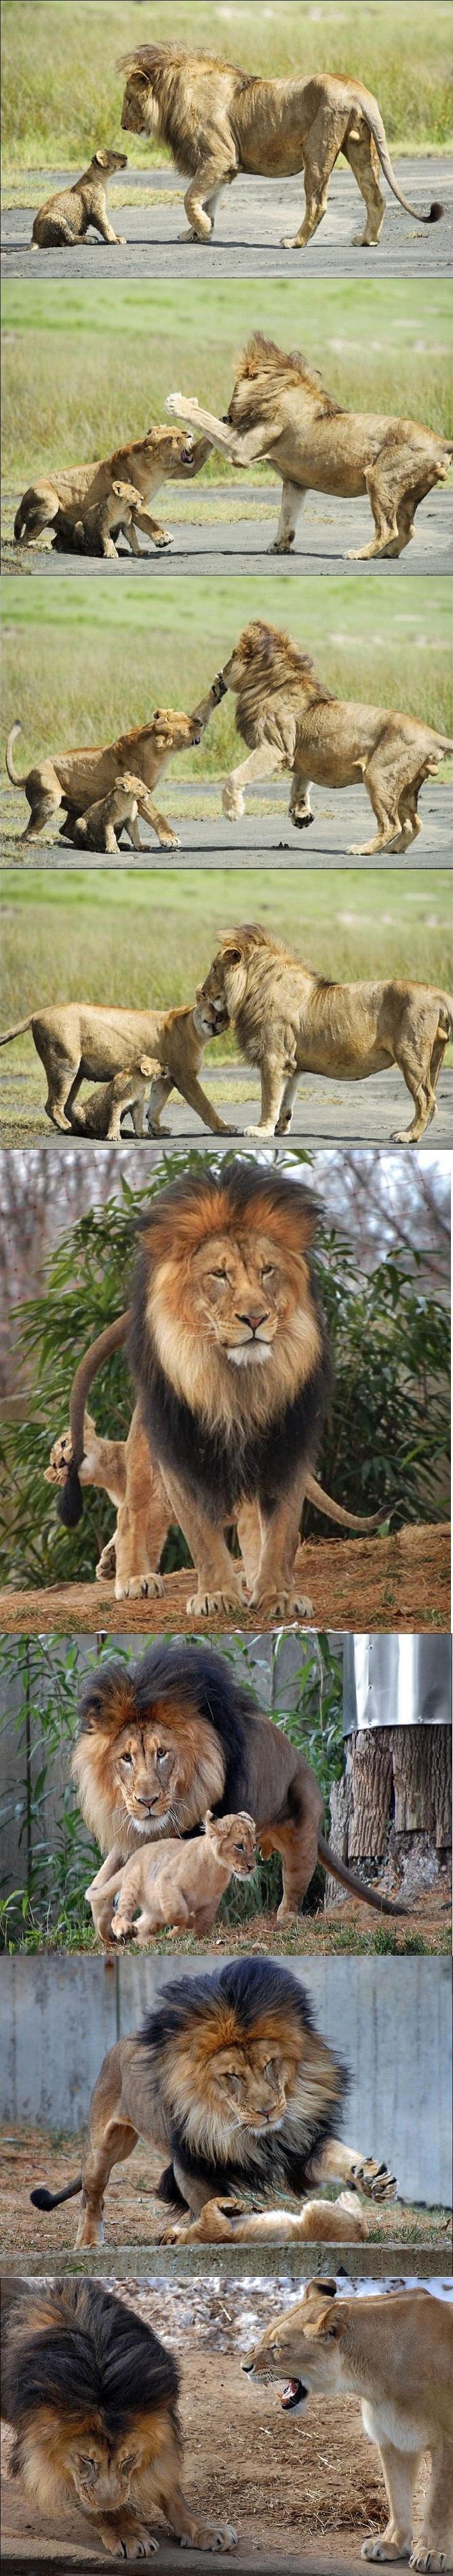 тяжелая доля Львиная - Lionheart